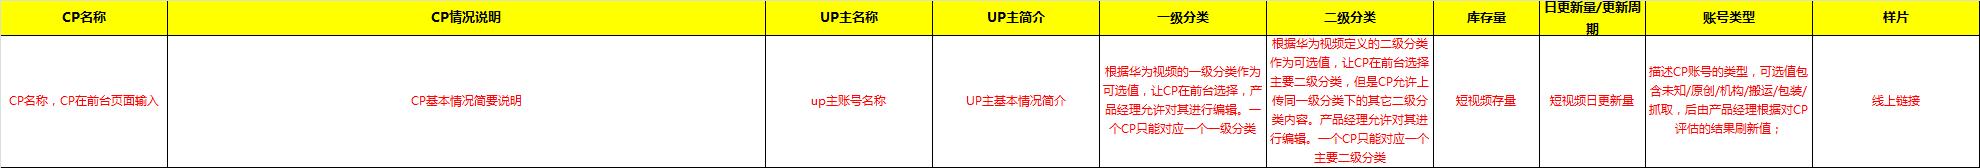 华为视频百花号招募各领域达人合作